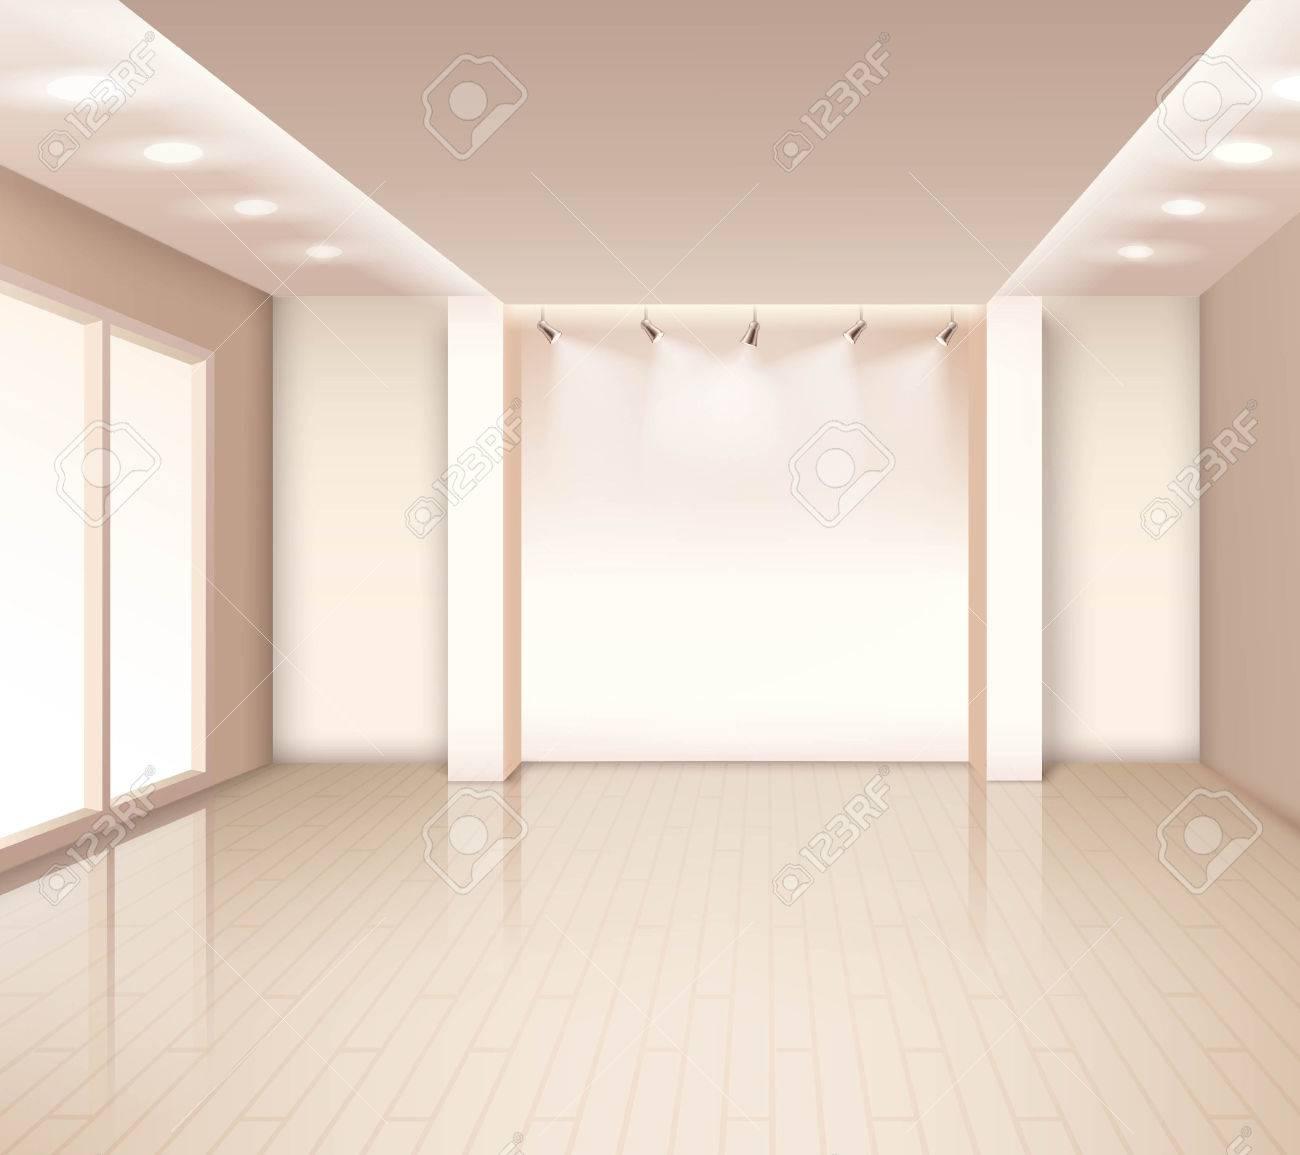 Intérieur chambre moderne vide avec fenêtres éclairage au plafond couleur  rose pâle illustration vectorielle